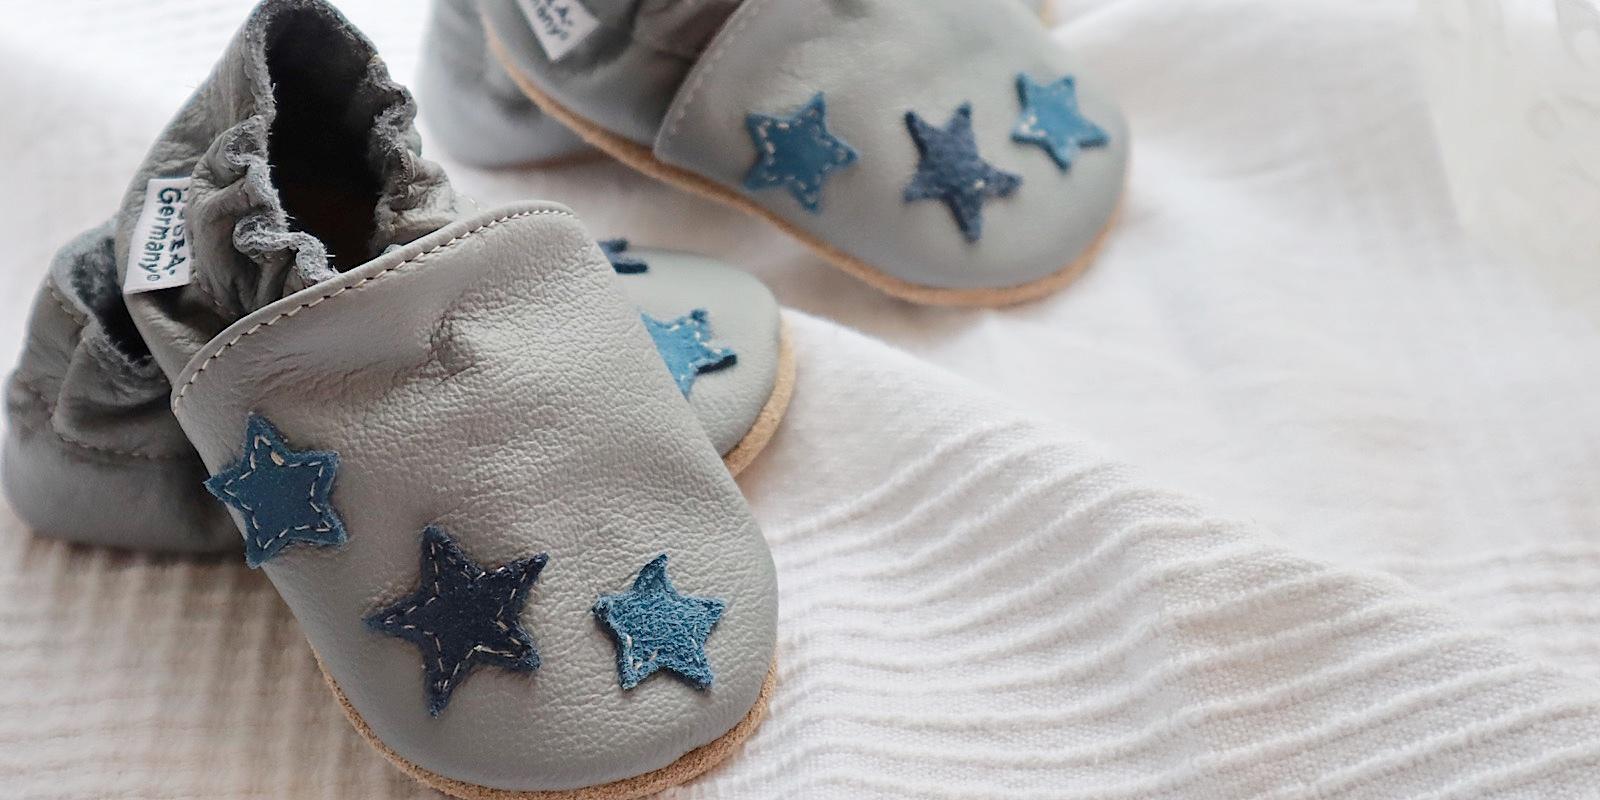 Wenn aus Liebe Leben wird - Family & Living - Baby - Krabbeln